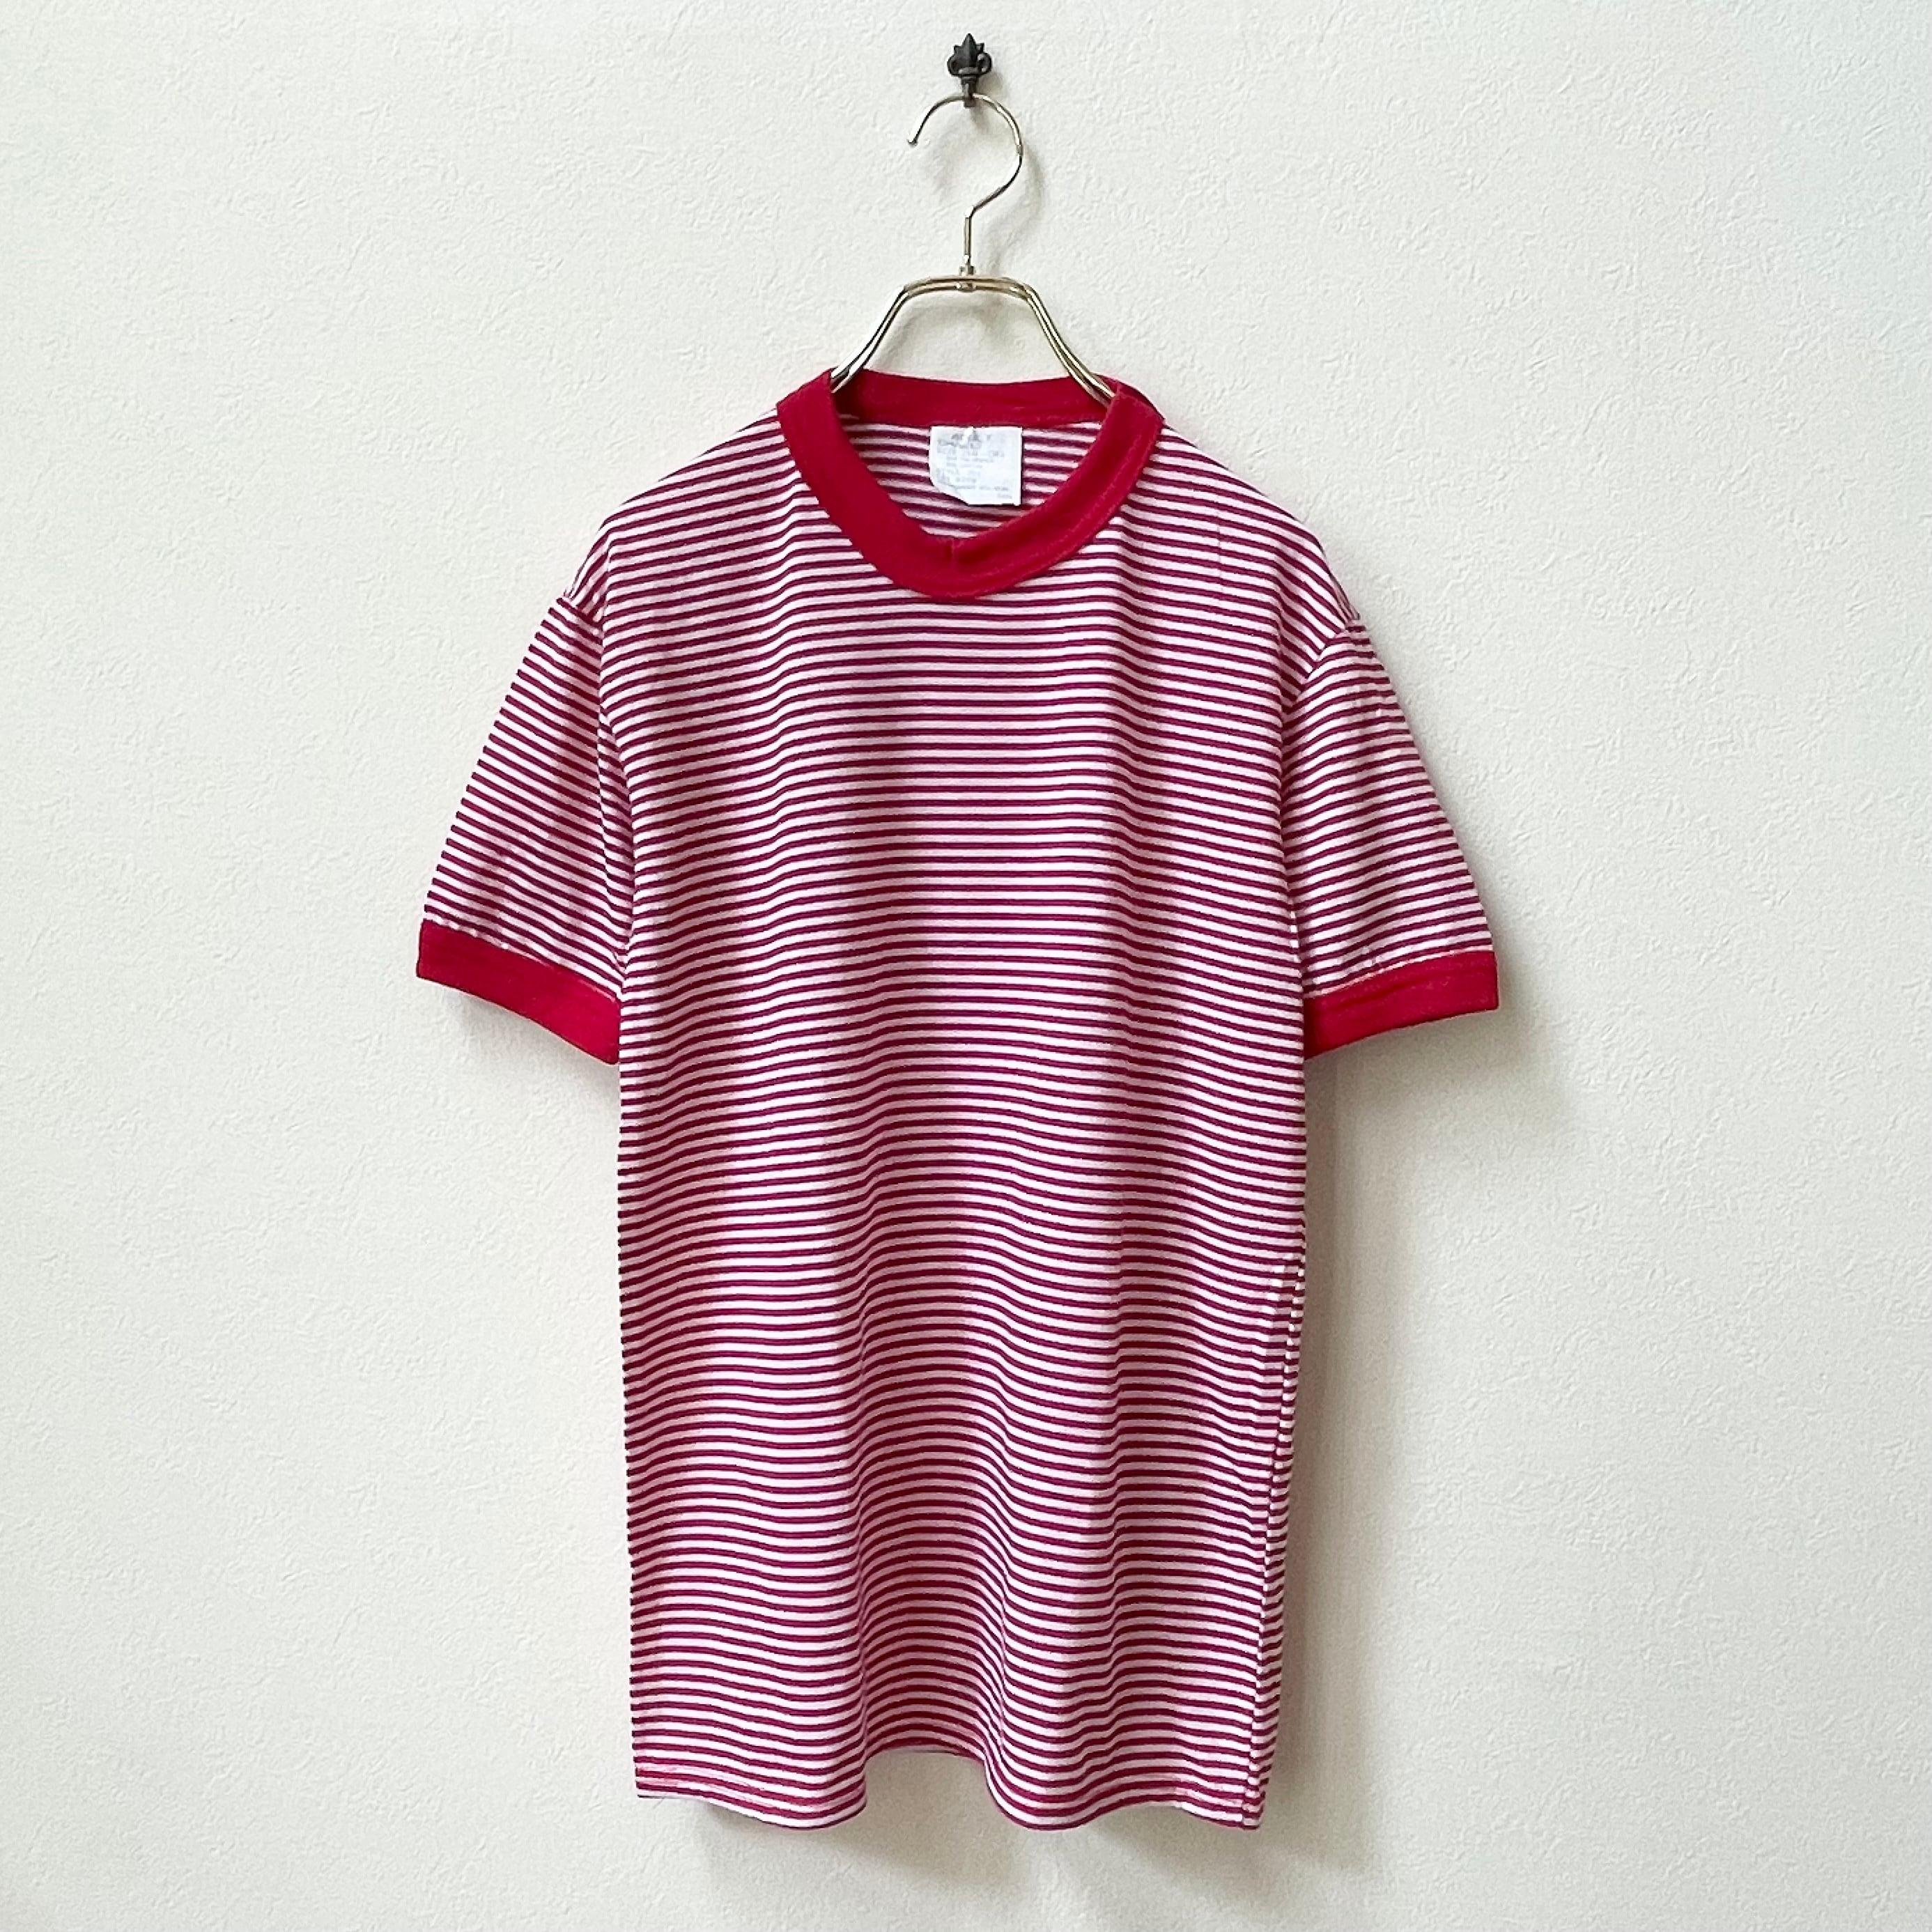 90年代 MERRYGARDEN メリーガーデン USA製 デッドストック リンガーTシャツ